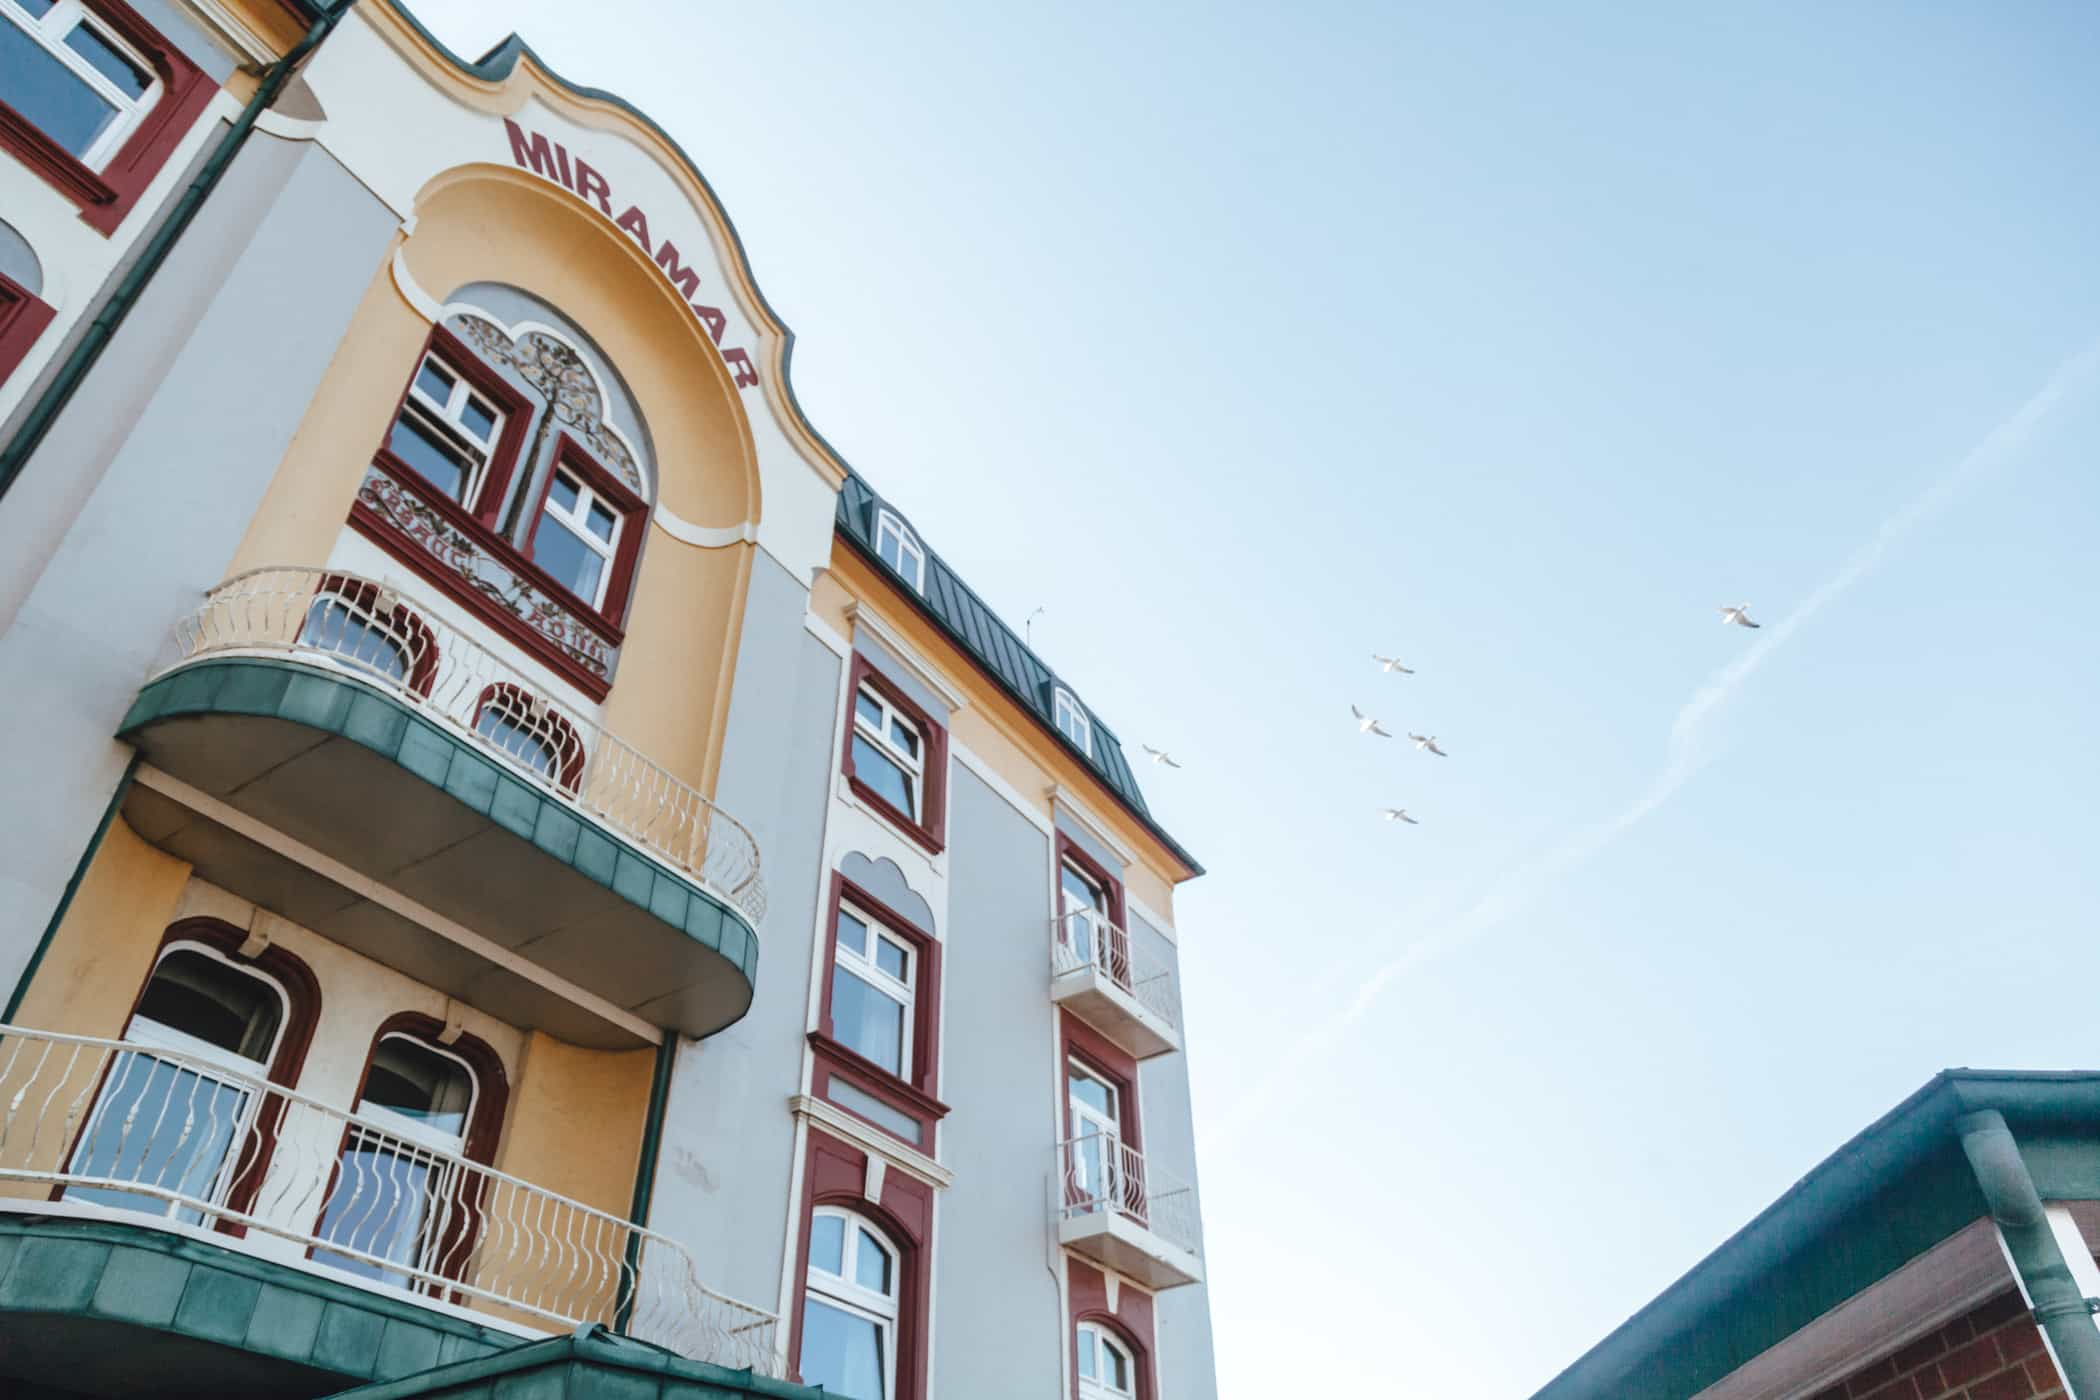 Hotel Miramar Aussenansicht Westerland auf Sylt